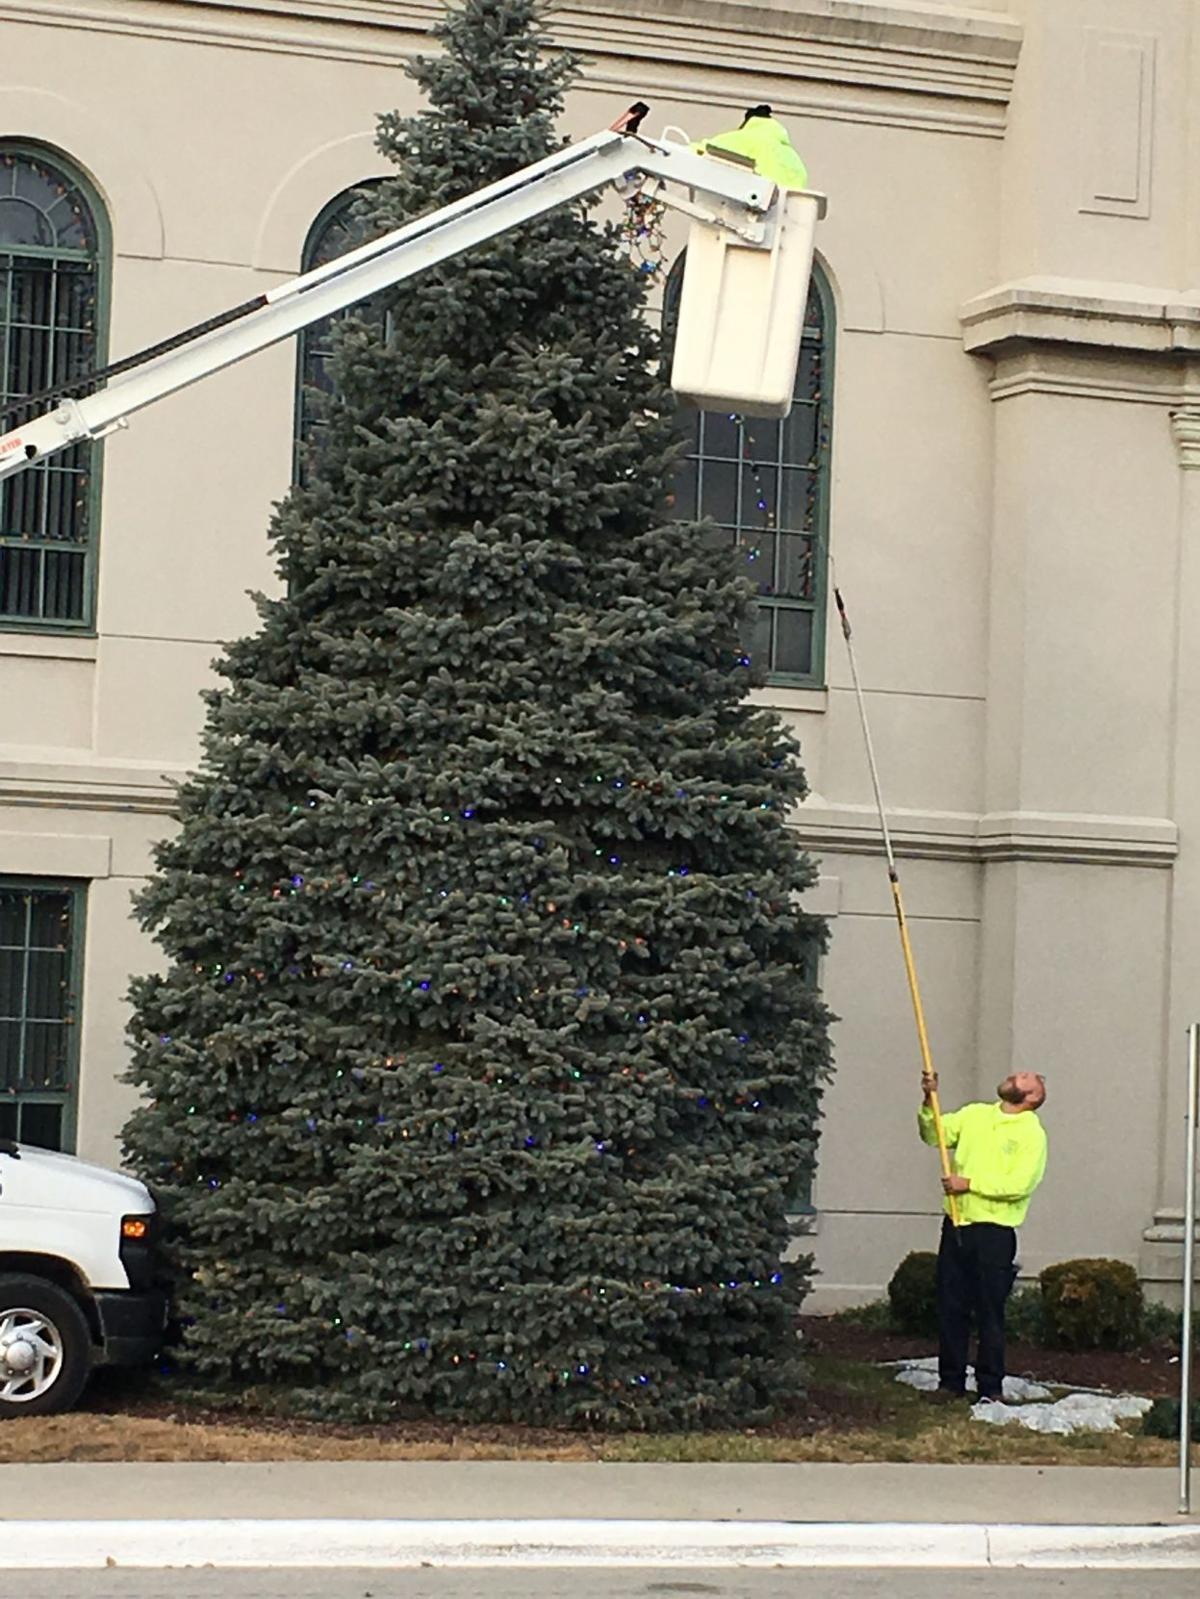 Calumet City hosts holiday tree lighting ceremony